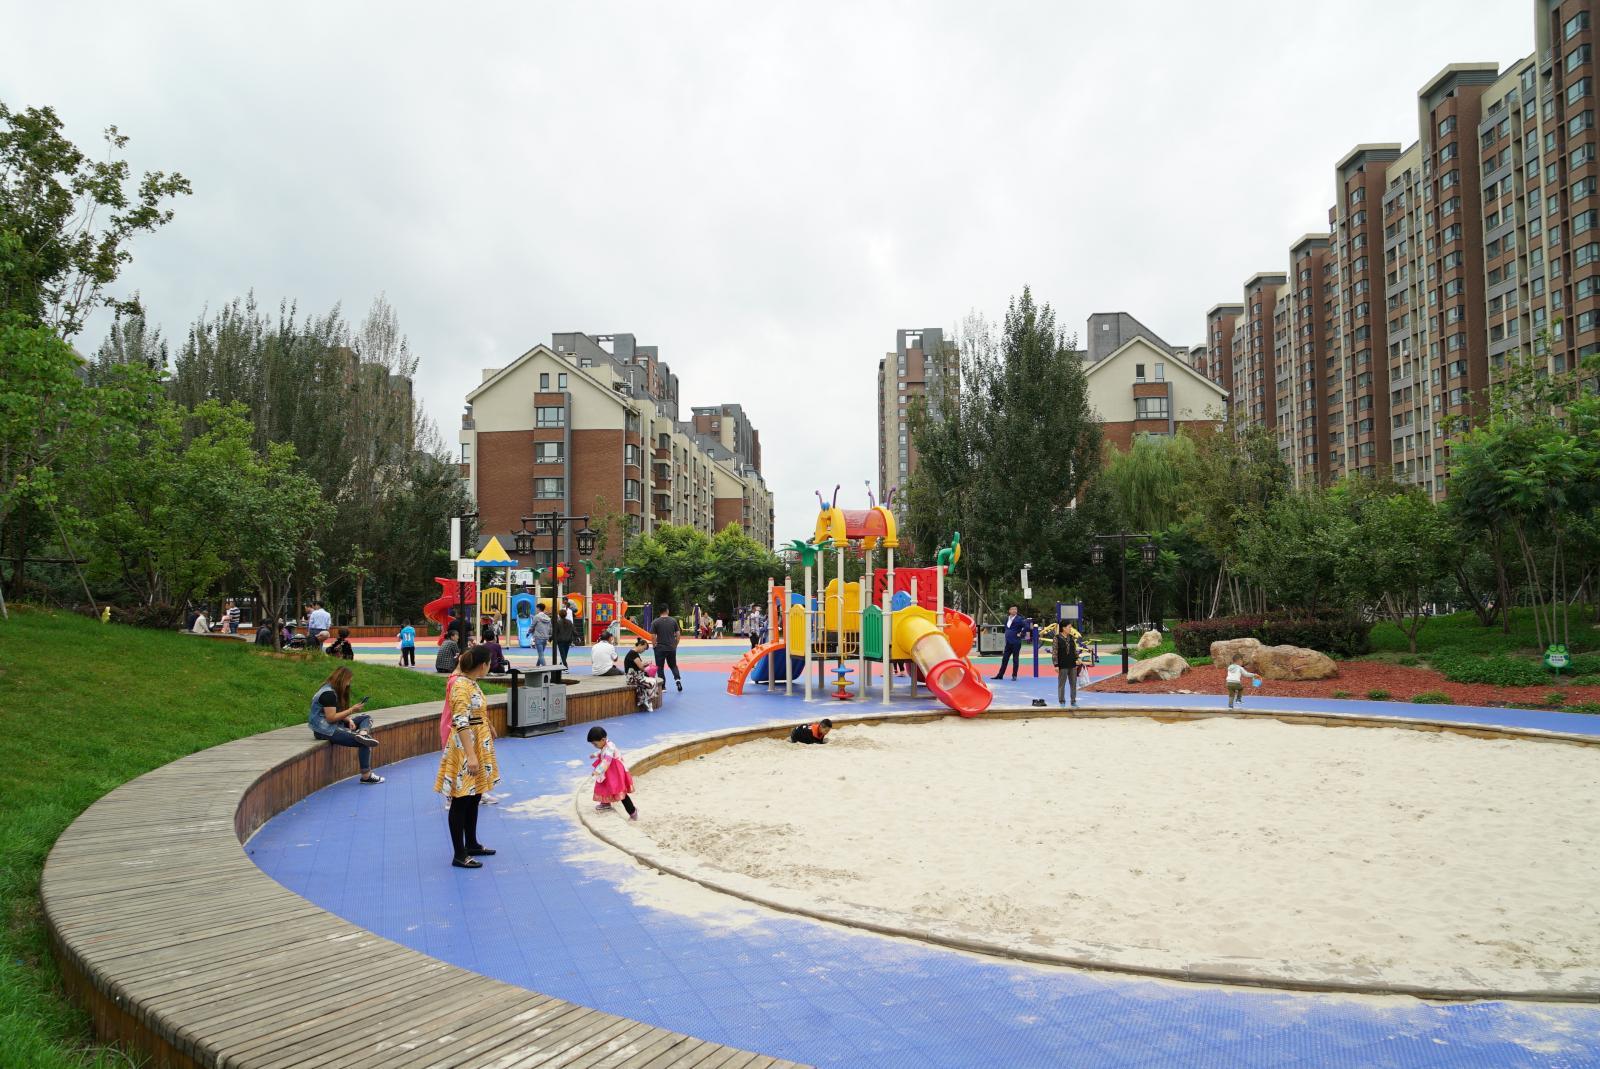 ชุบชีวิตแม่น้ำอีทงจากบ่อมลพิษกลายเป็น 10 สวนสาธารณะเขียวขจีโอบล้อมเมือง